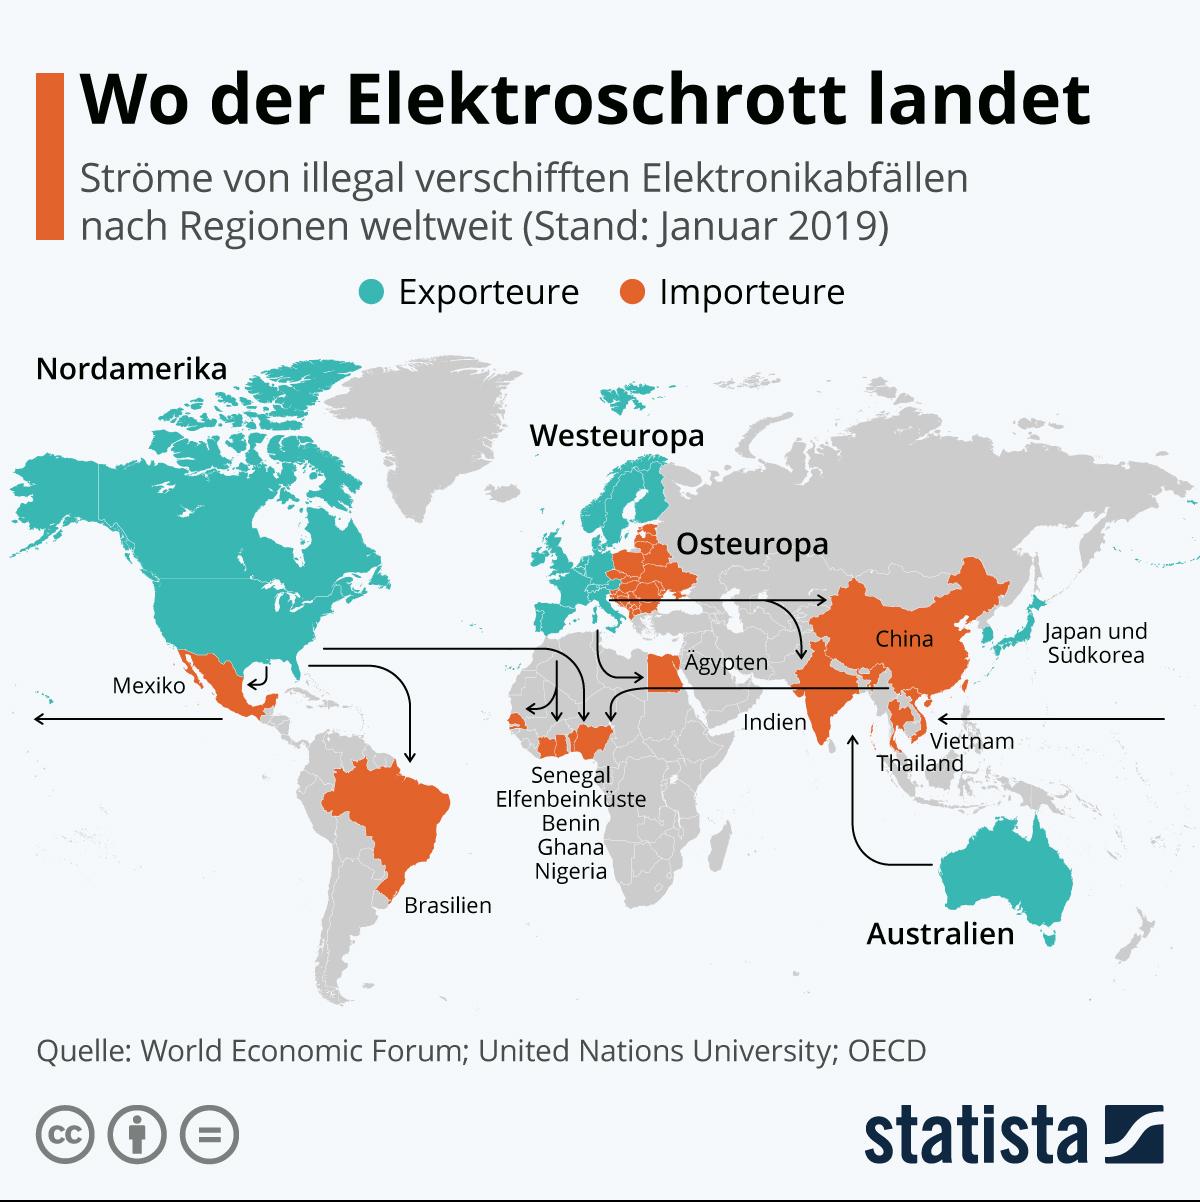 Ströme von illegale Vershifften Elektronikabfällen nach Regionen weltweit (Stand: Januar 2019)